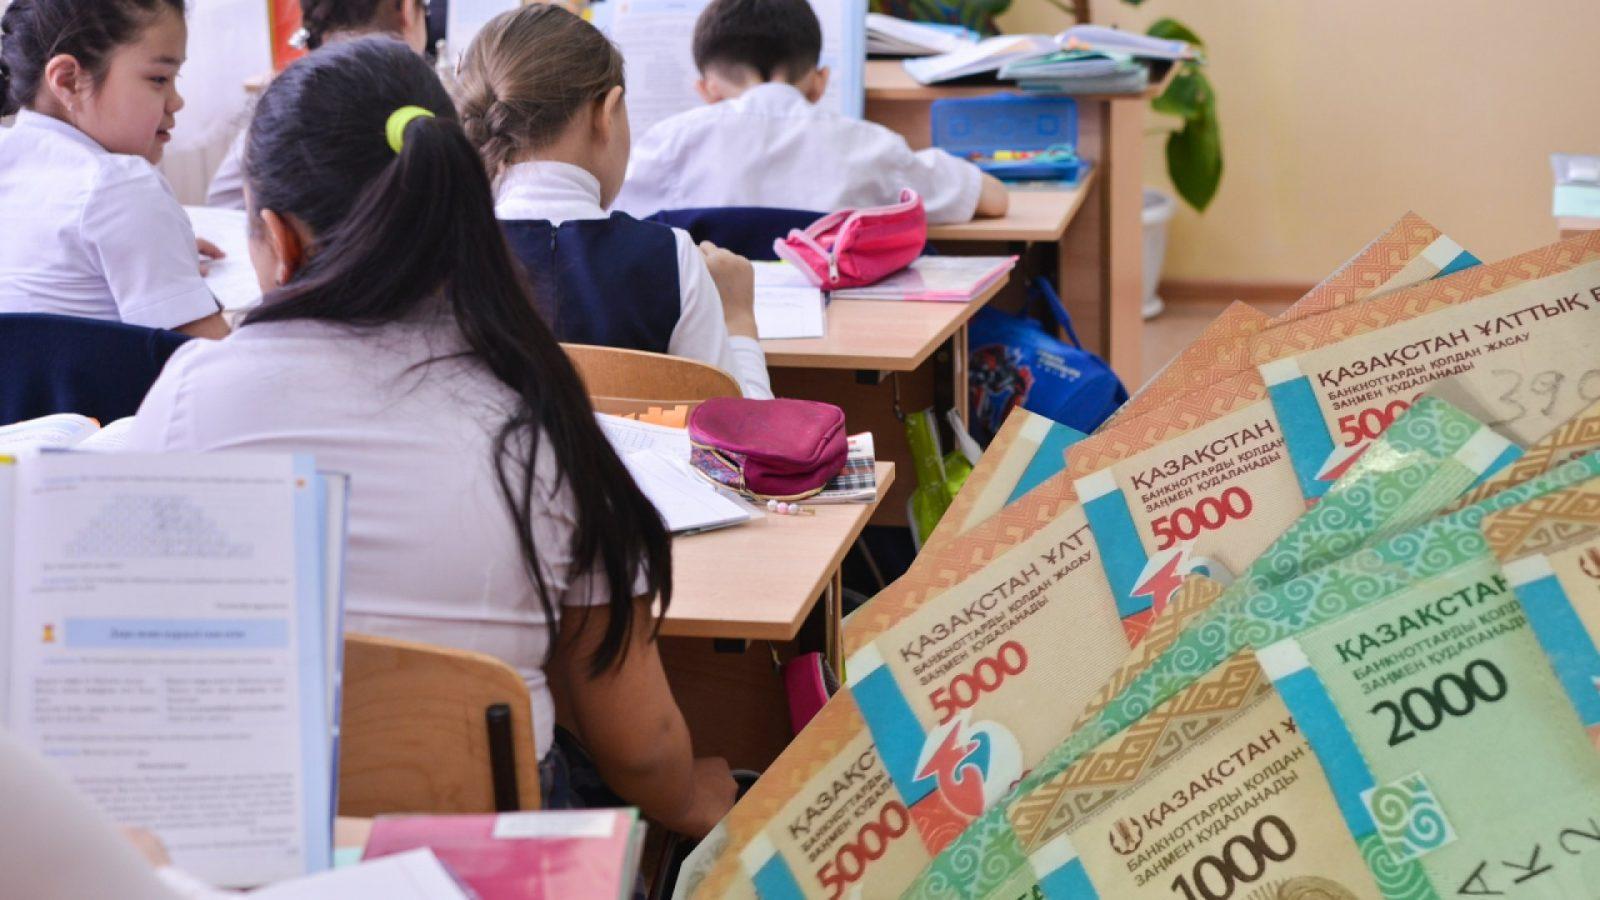 Восточный Казахстан: Поборы в школе? - сообщите в ватсап